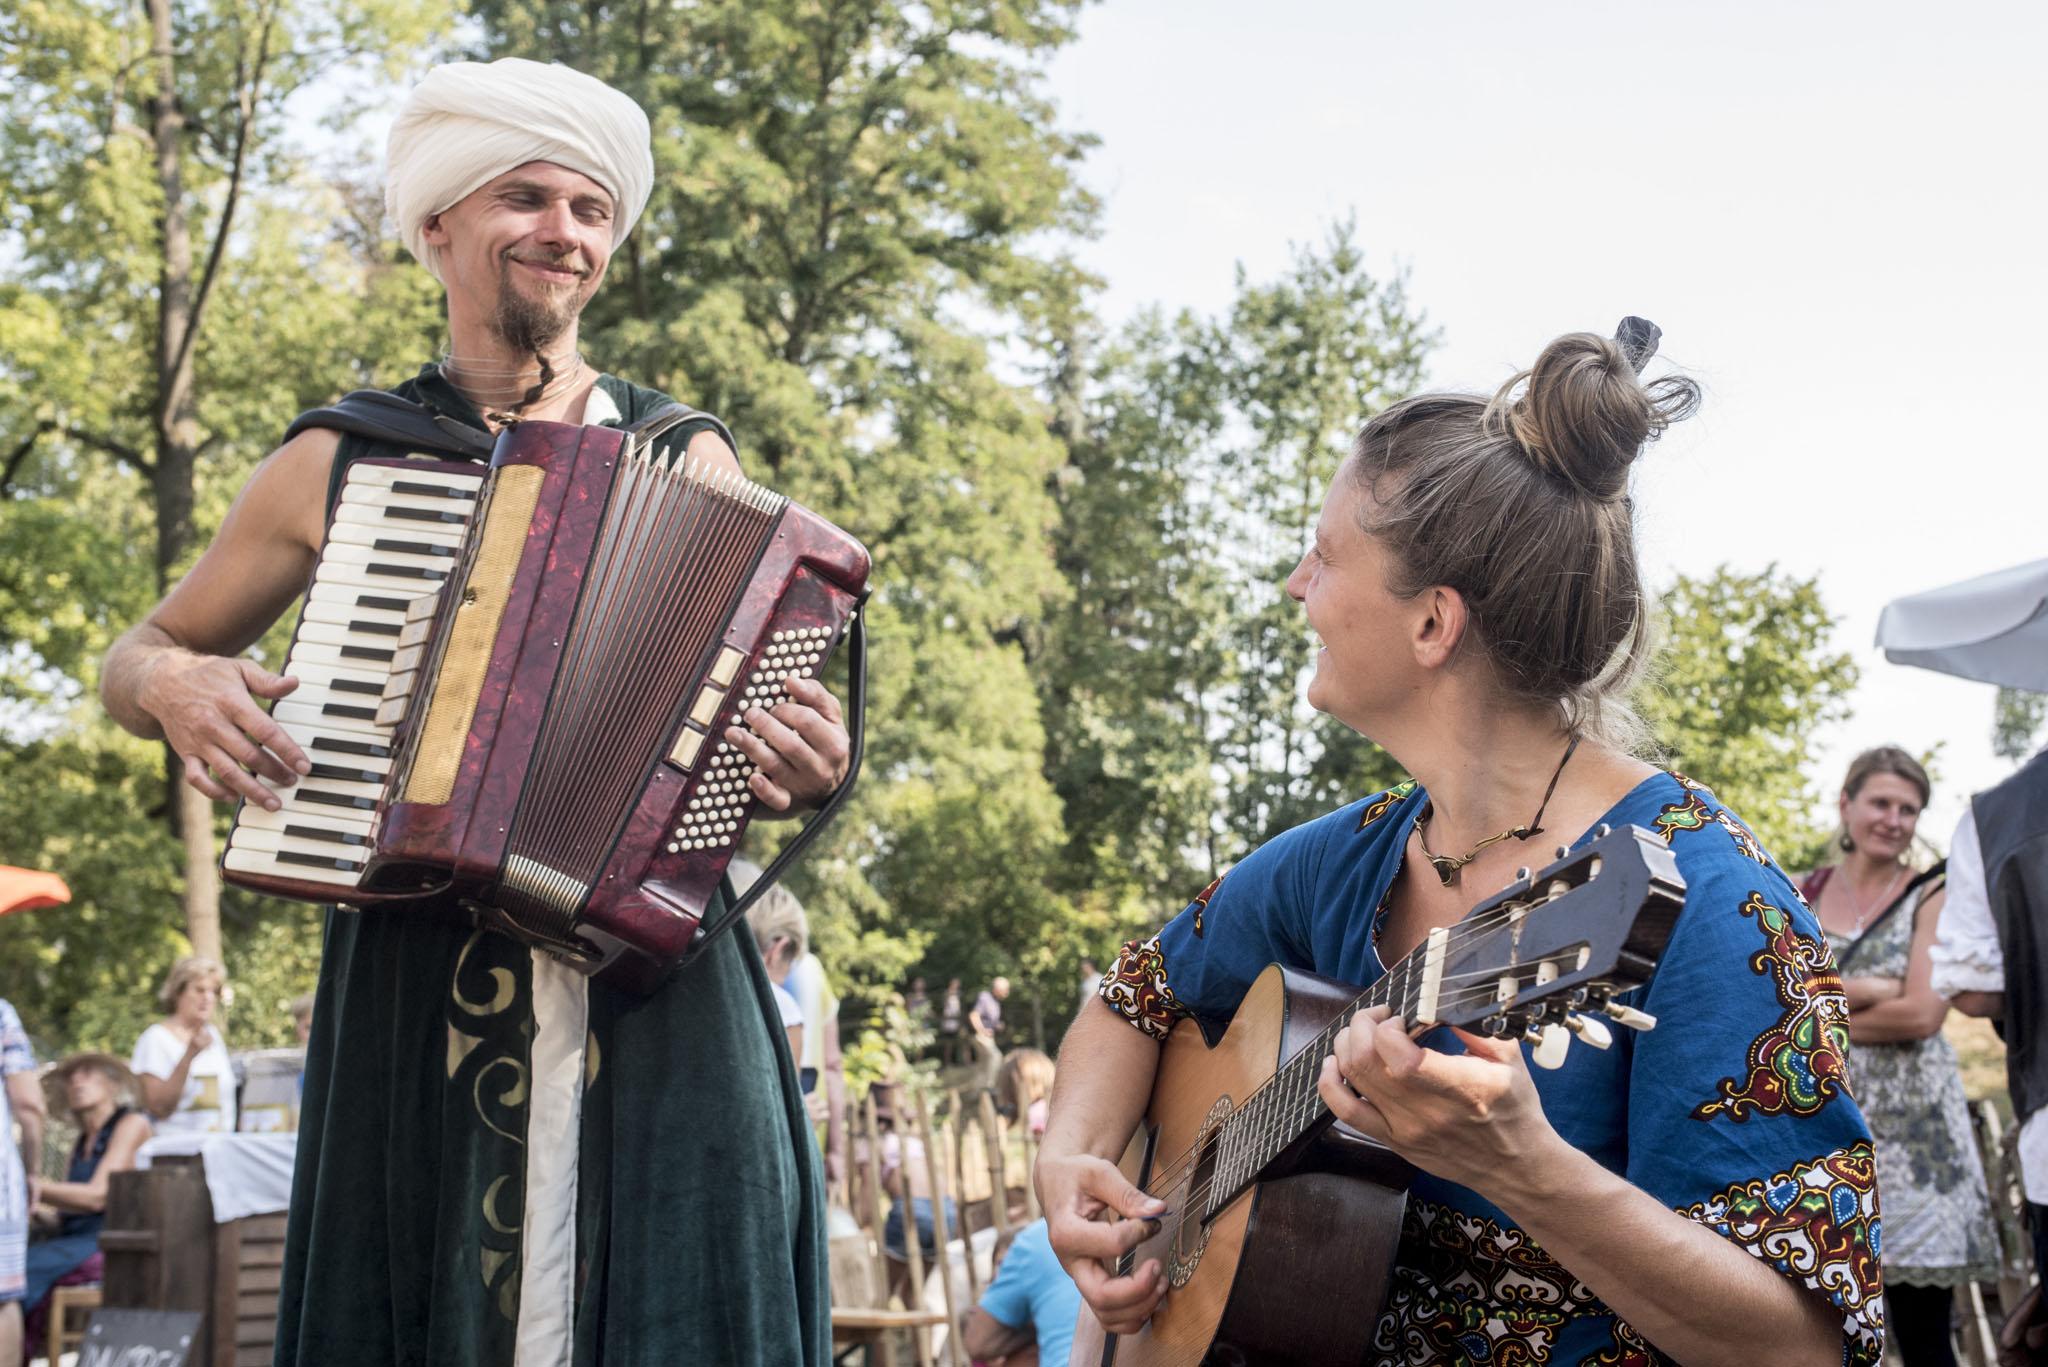 Kulturprogramm des Wunder Land e.V . am 18. August 2018 Foto: René Plaul © ORLA e.V.